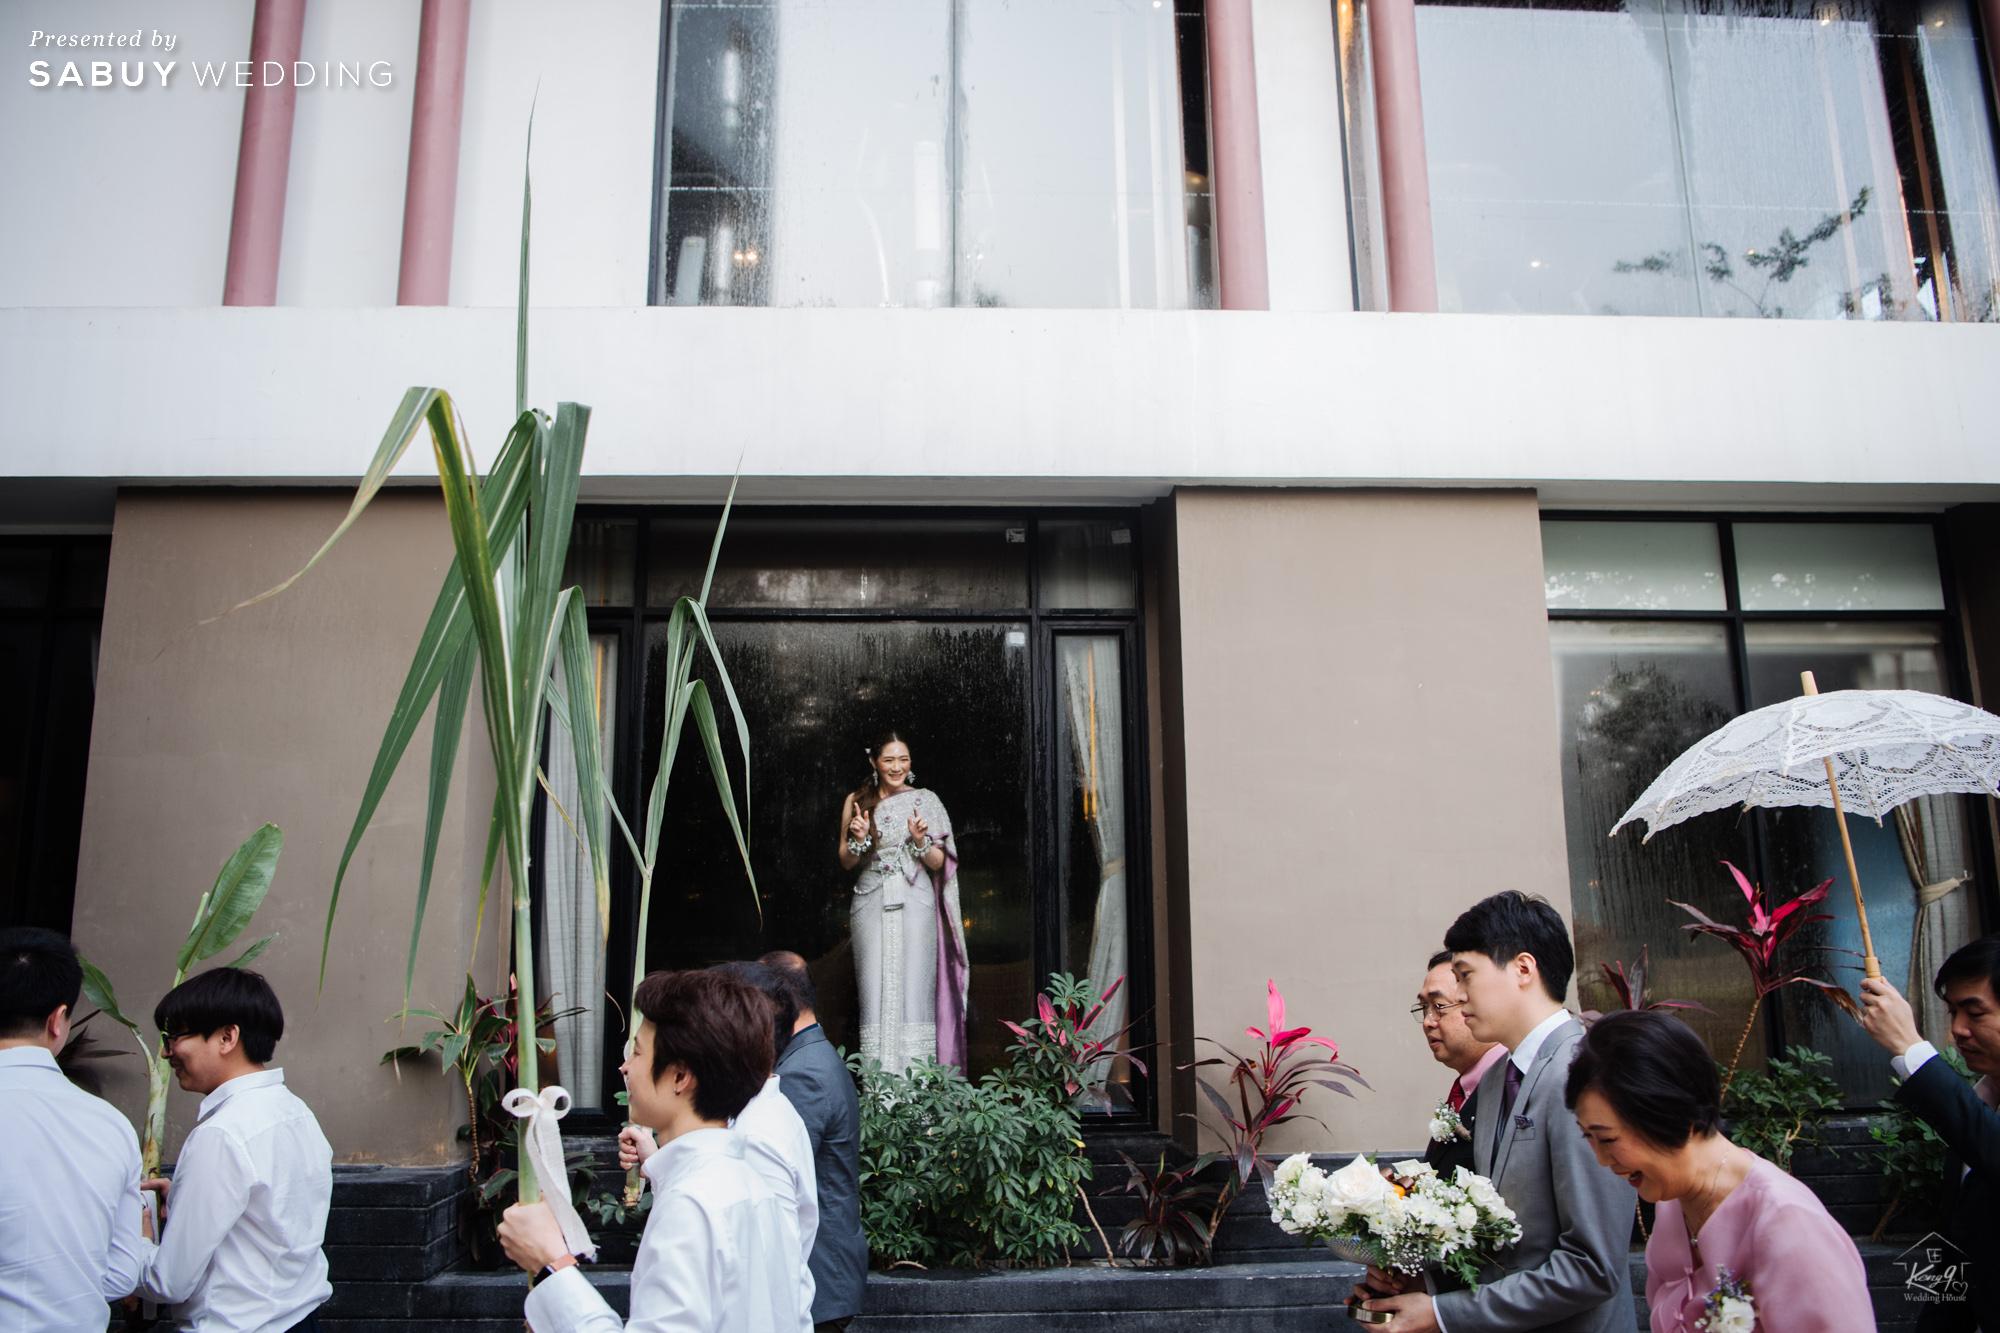 รีวิวงานแต่งสุดละมุน ด้วยธีมทุ่งดอก Lavender @ เลอ เมอริเดียน สุวรรณภูมิ